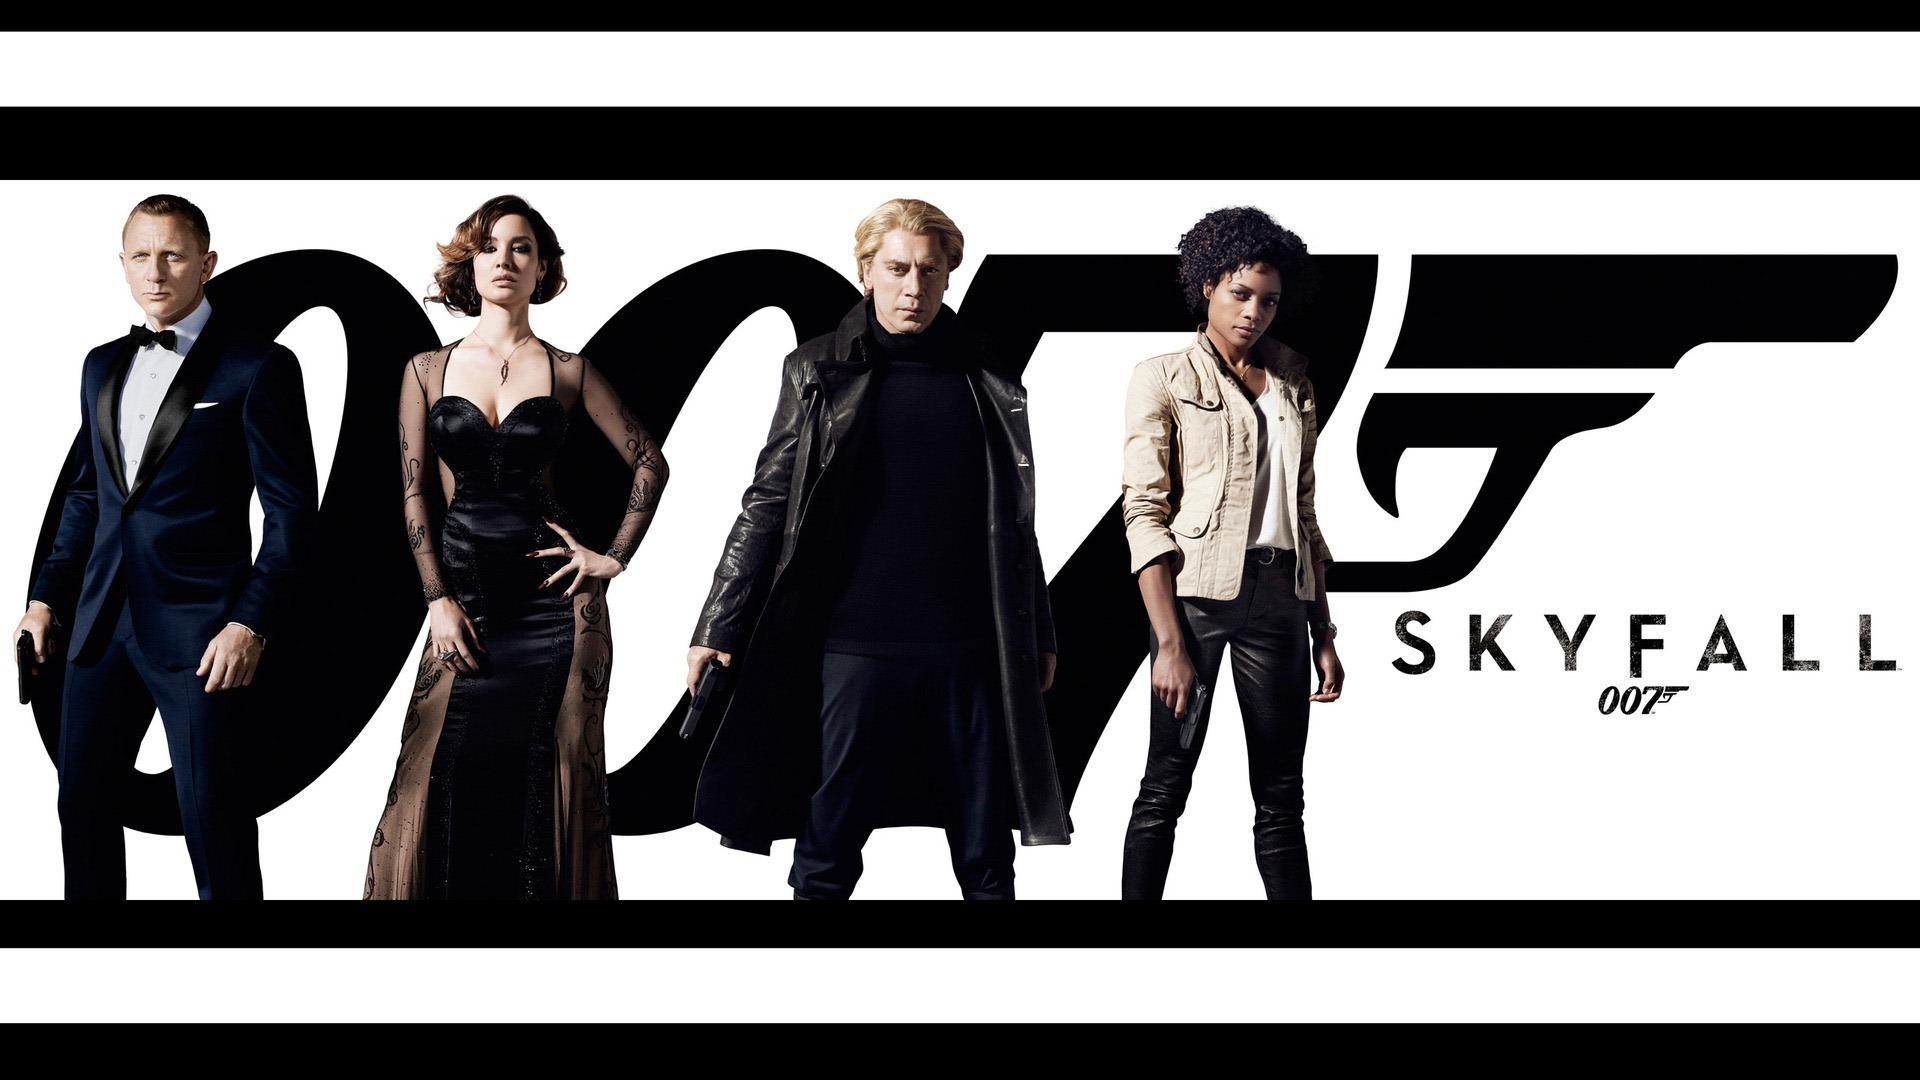 Skyfall 007のhdの壁紙 15 19x1080 壁紙ダウンロード Skyfall 007のhdの壁紙 映画 壁紙 V3の 壁紙